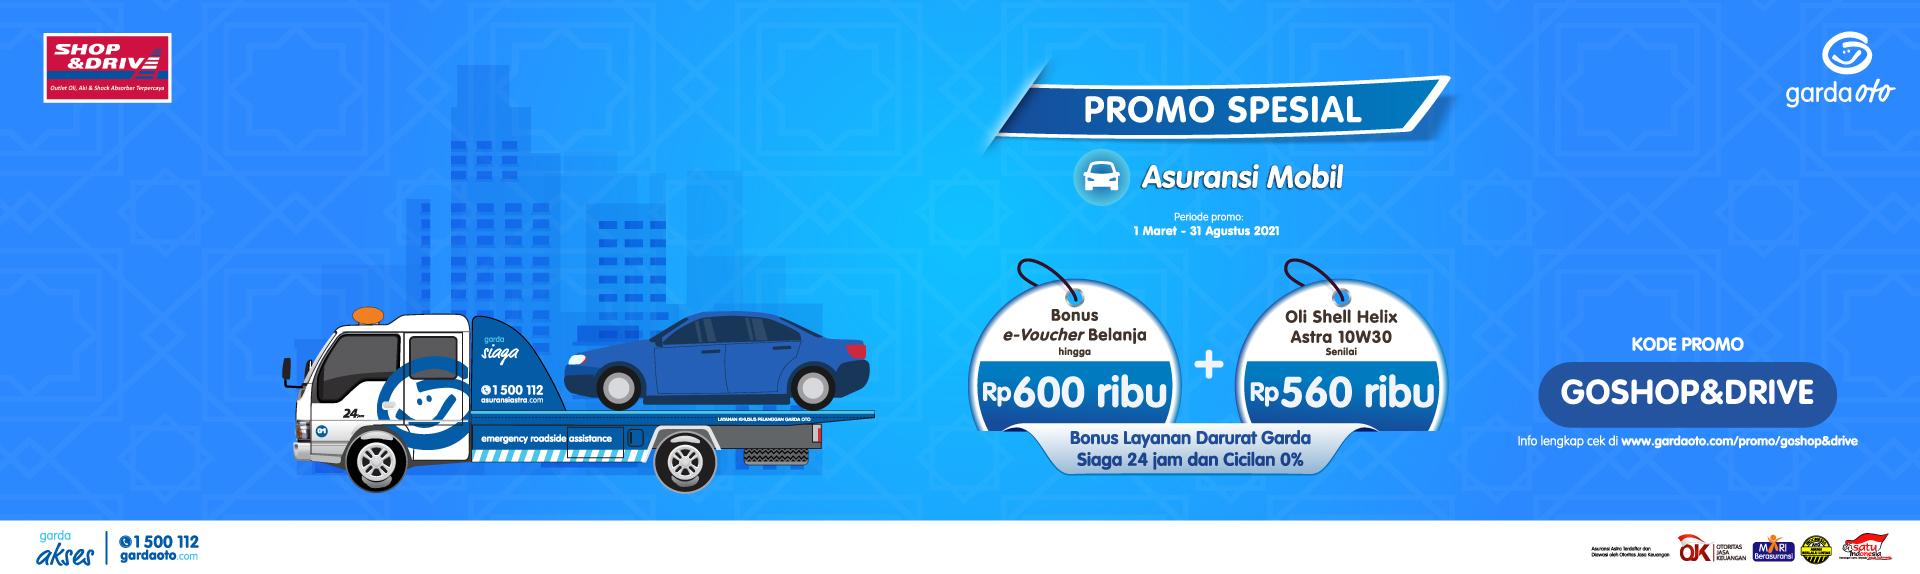 Promo Garda Oto Shop & Drive